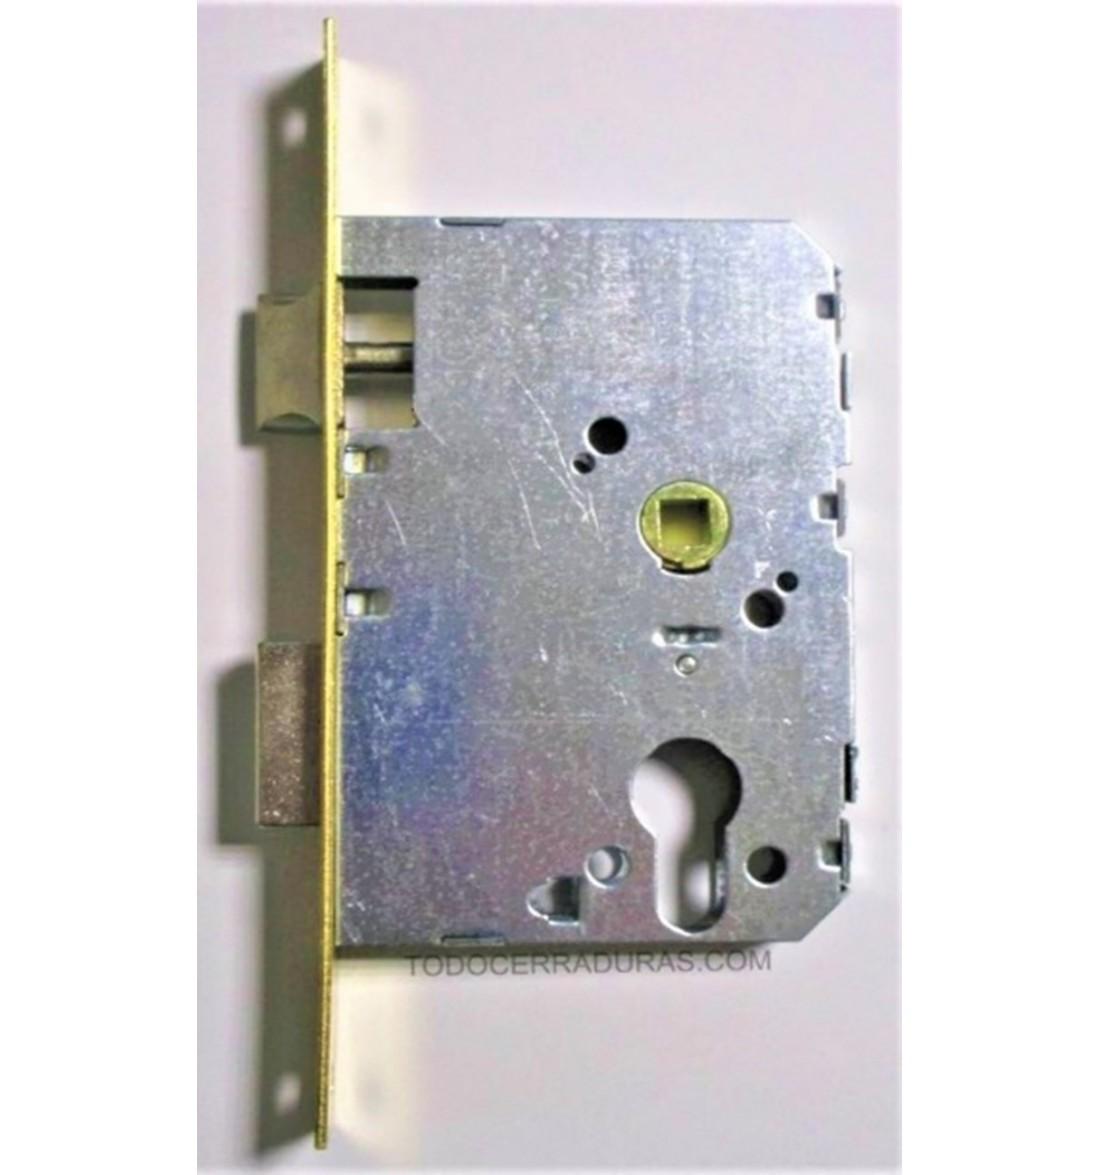 Cerraduras Eléctricas de embutir para perfiles estrechos